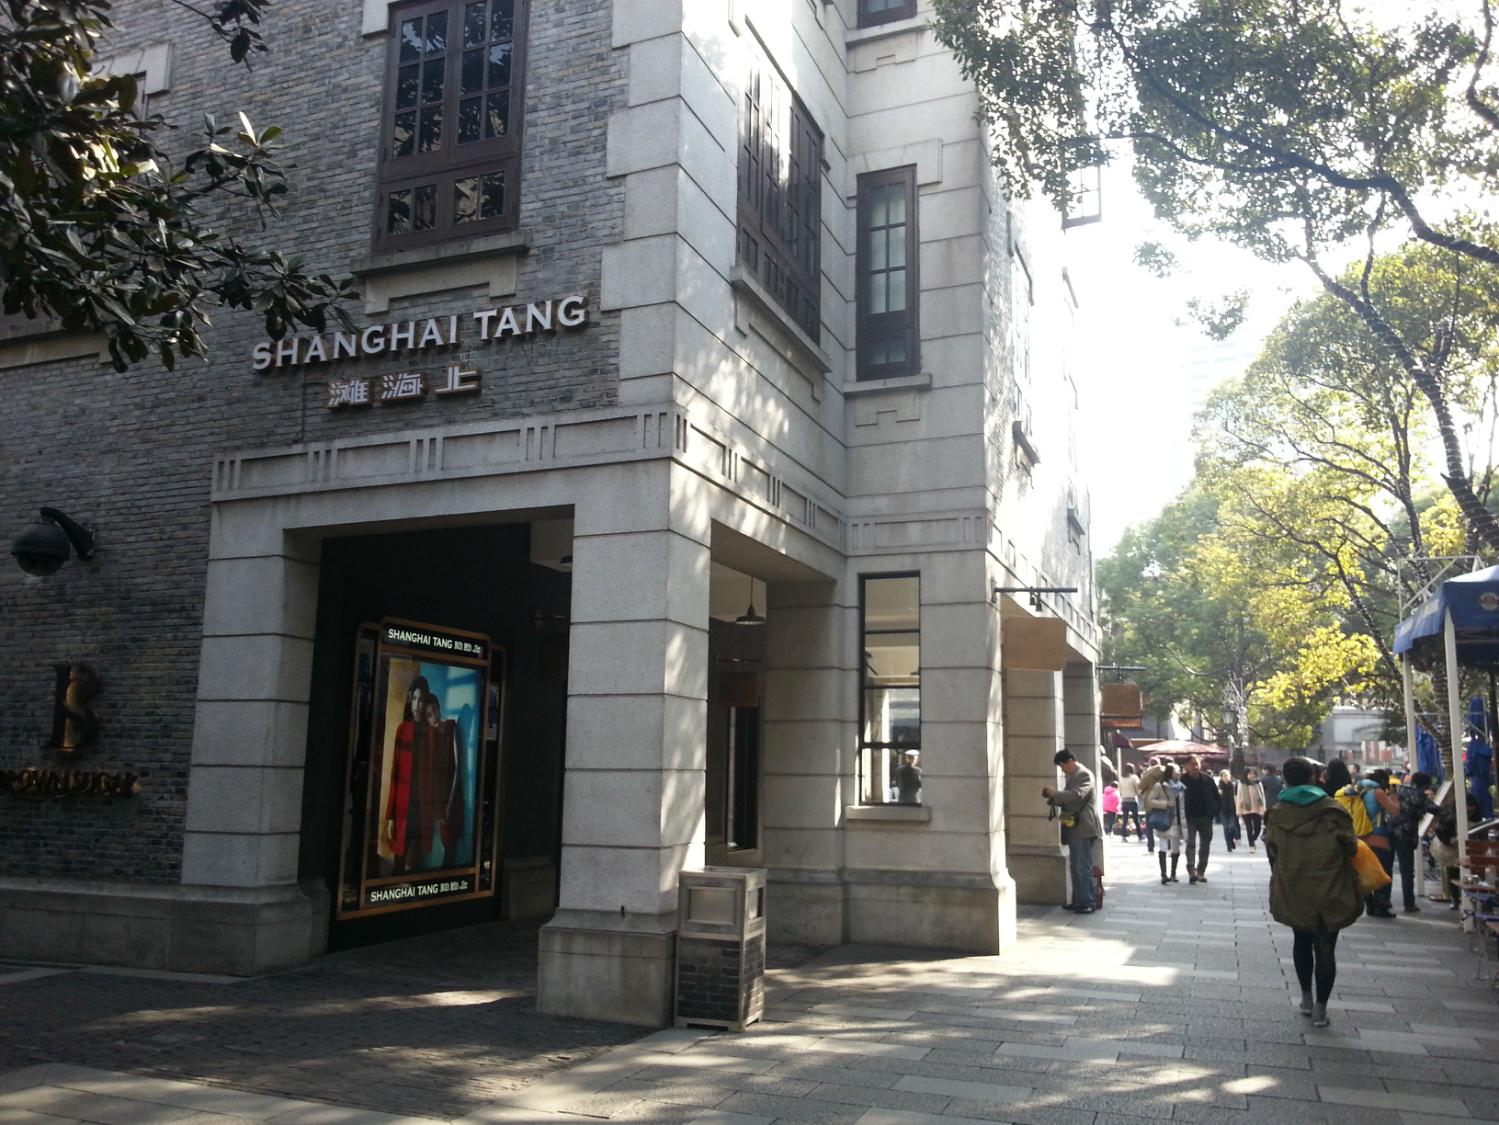 http://image5.hanatour.com/cms/2012/11/28/20121128000723_0.jpg